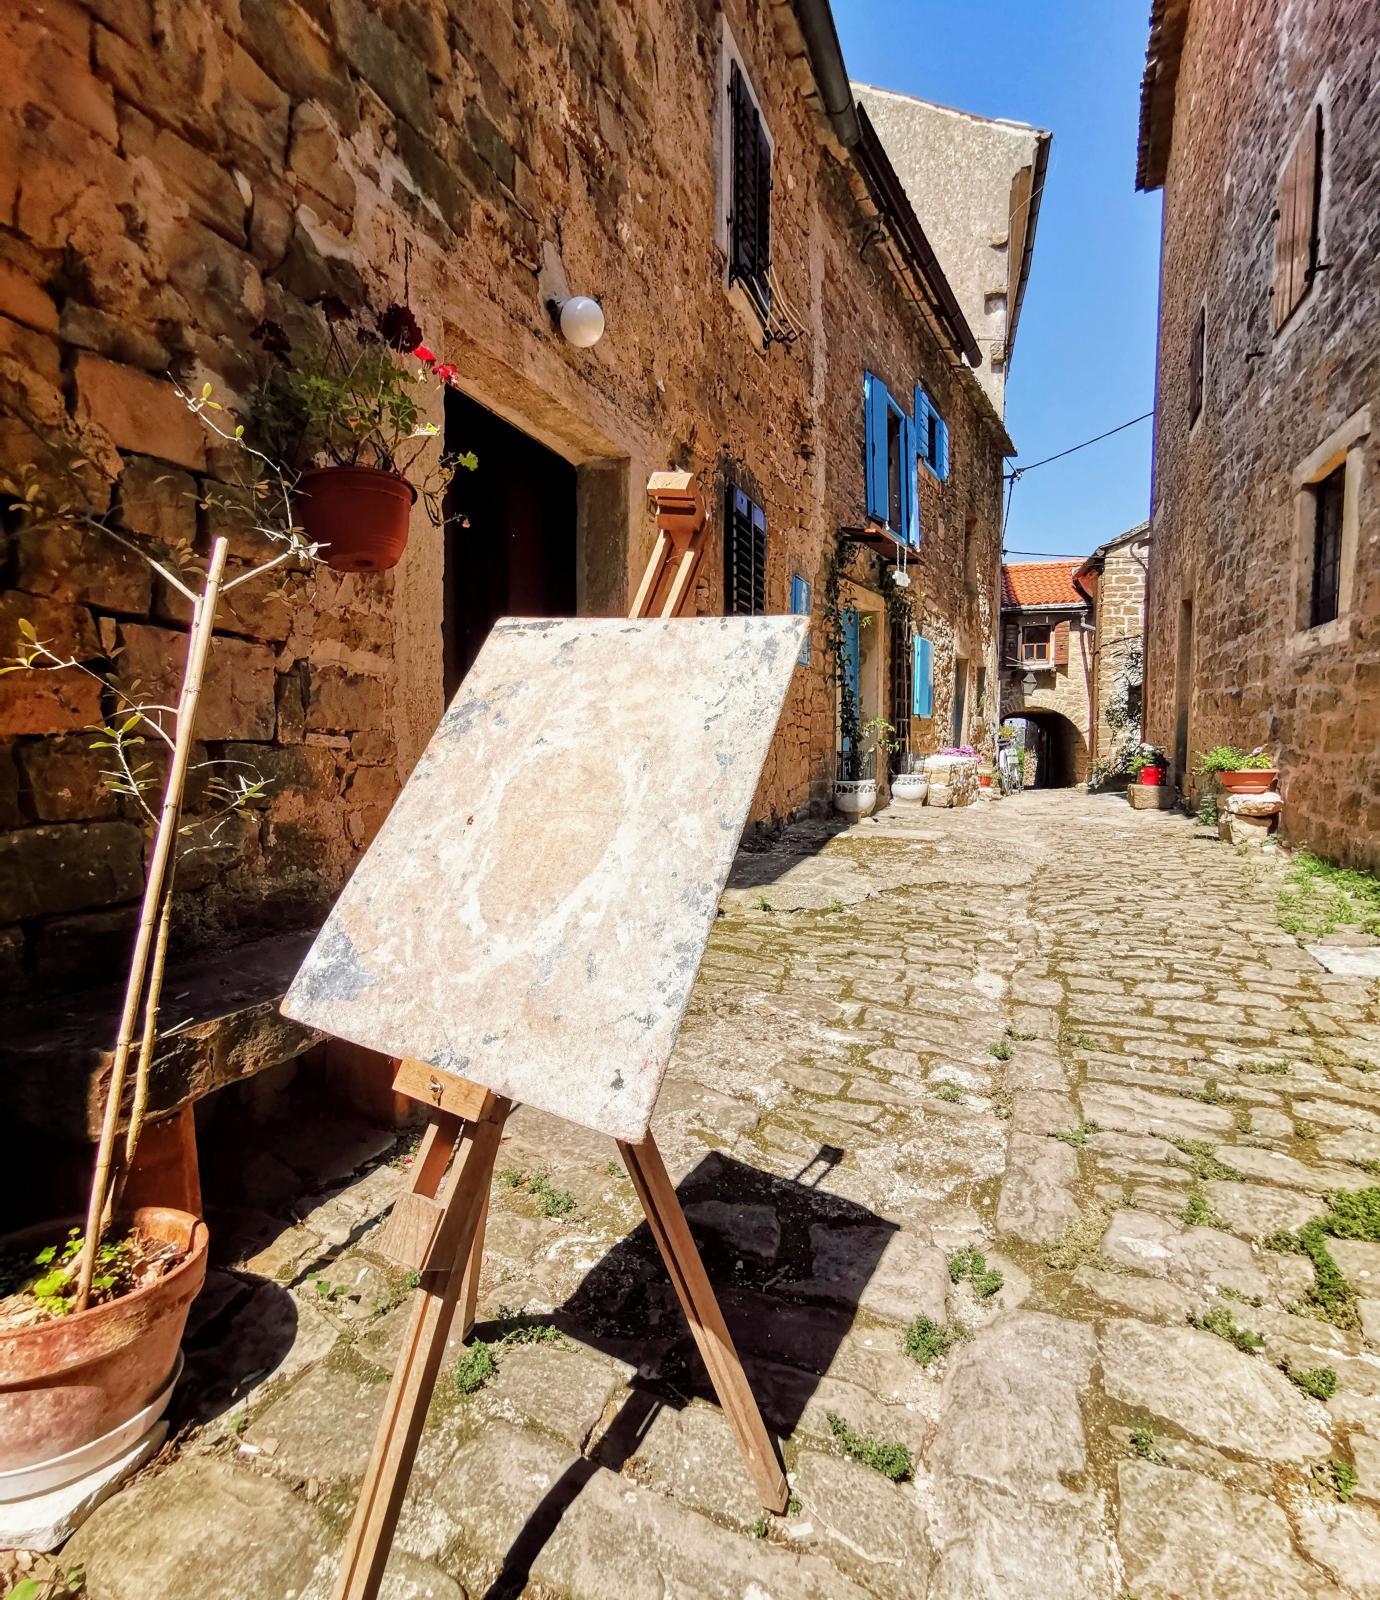 Konstnärsbyn Groznjan är ett trevligt utflyktsmål oavsett om man är konstintresserad eller inte.